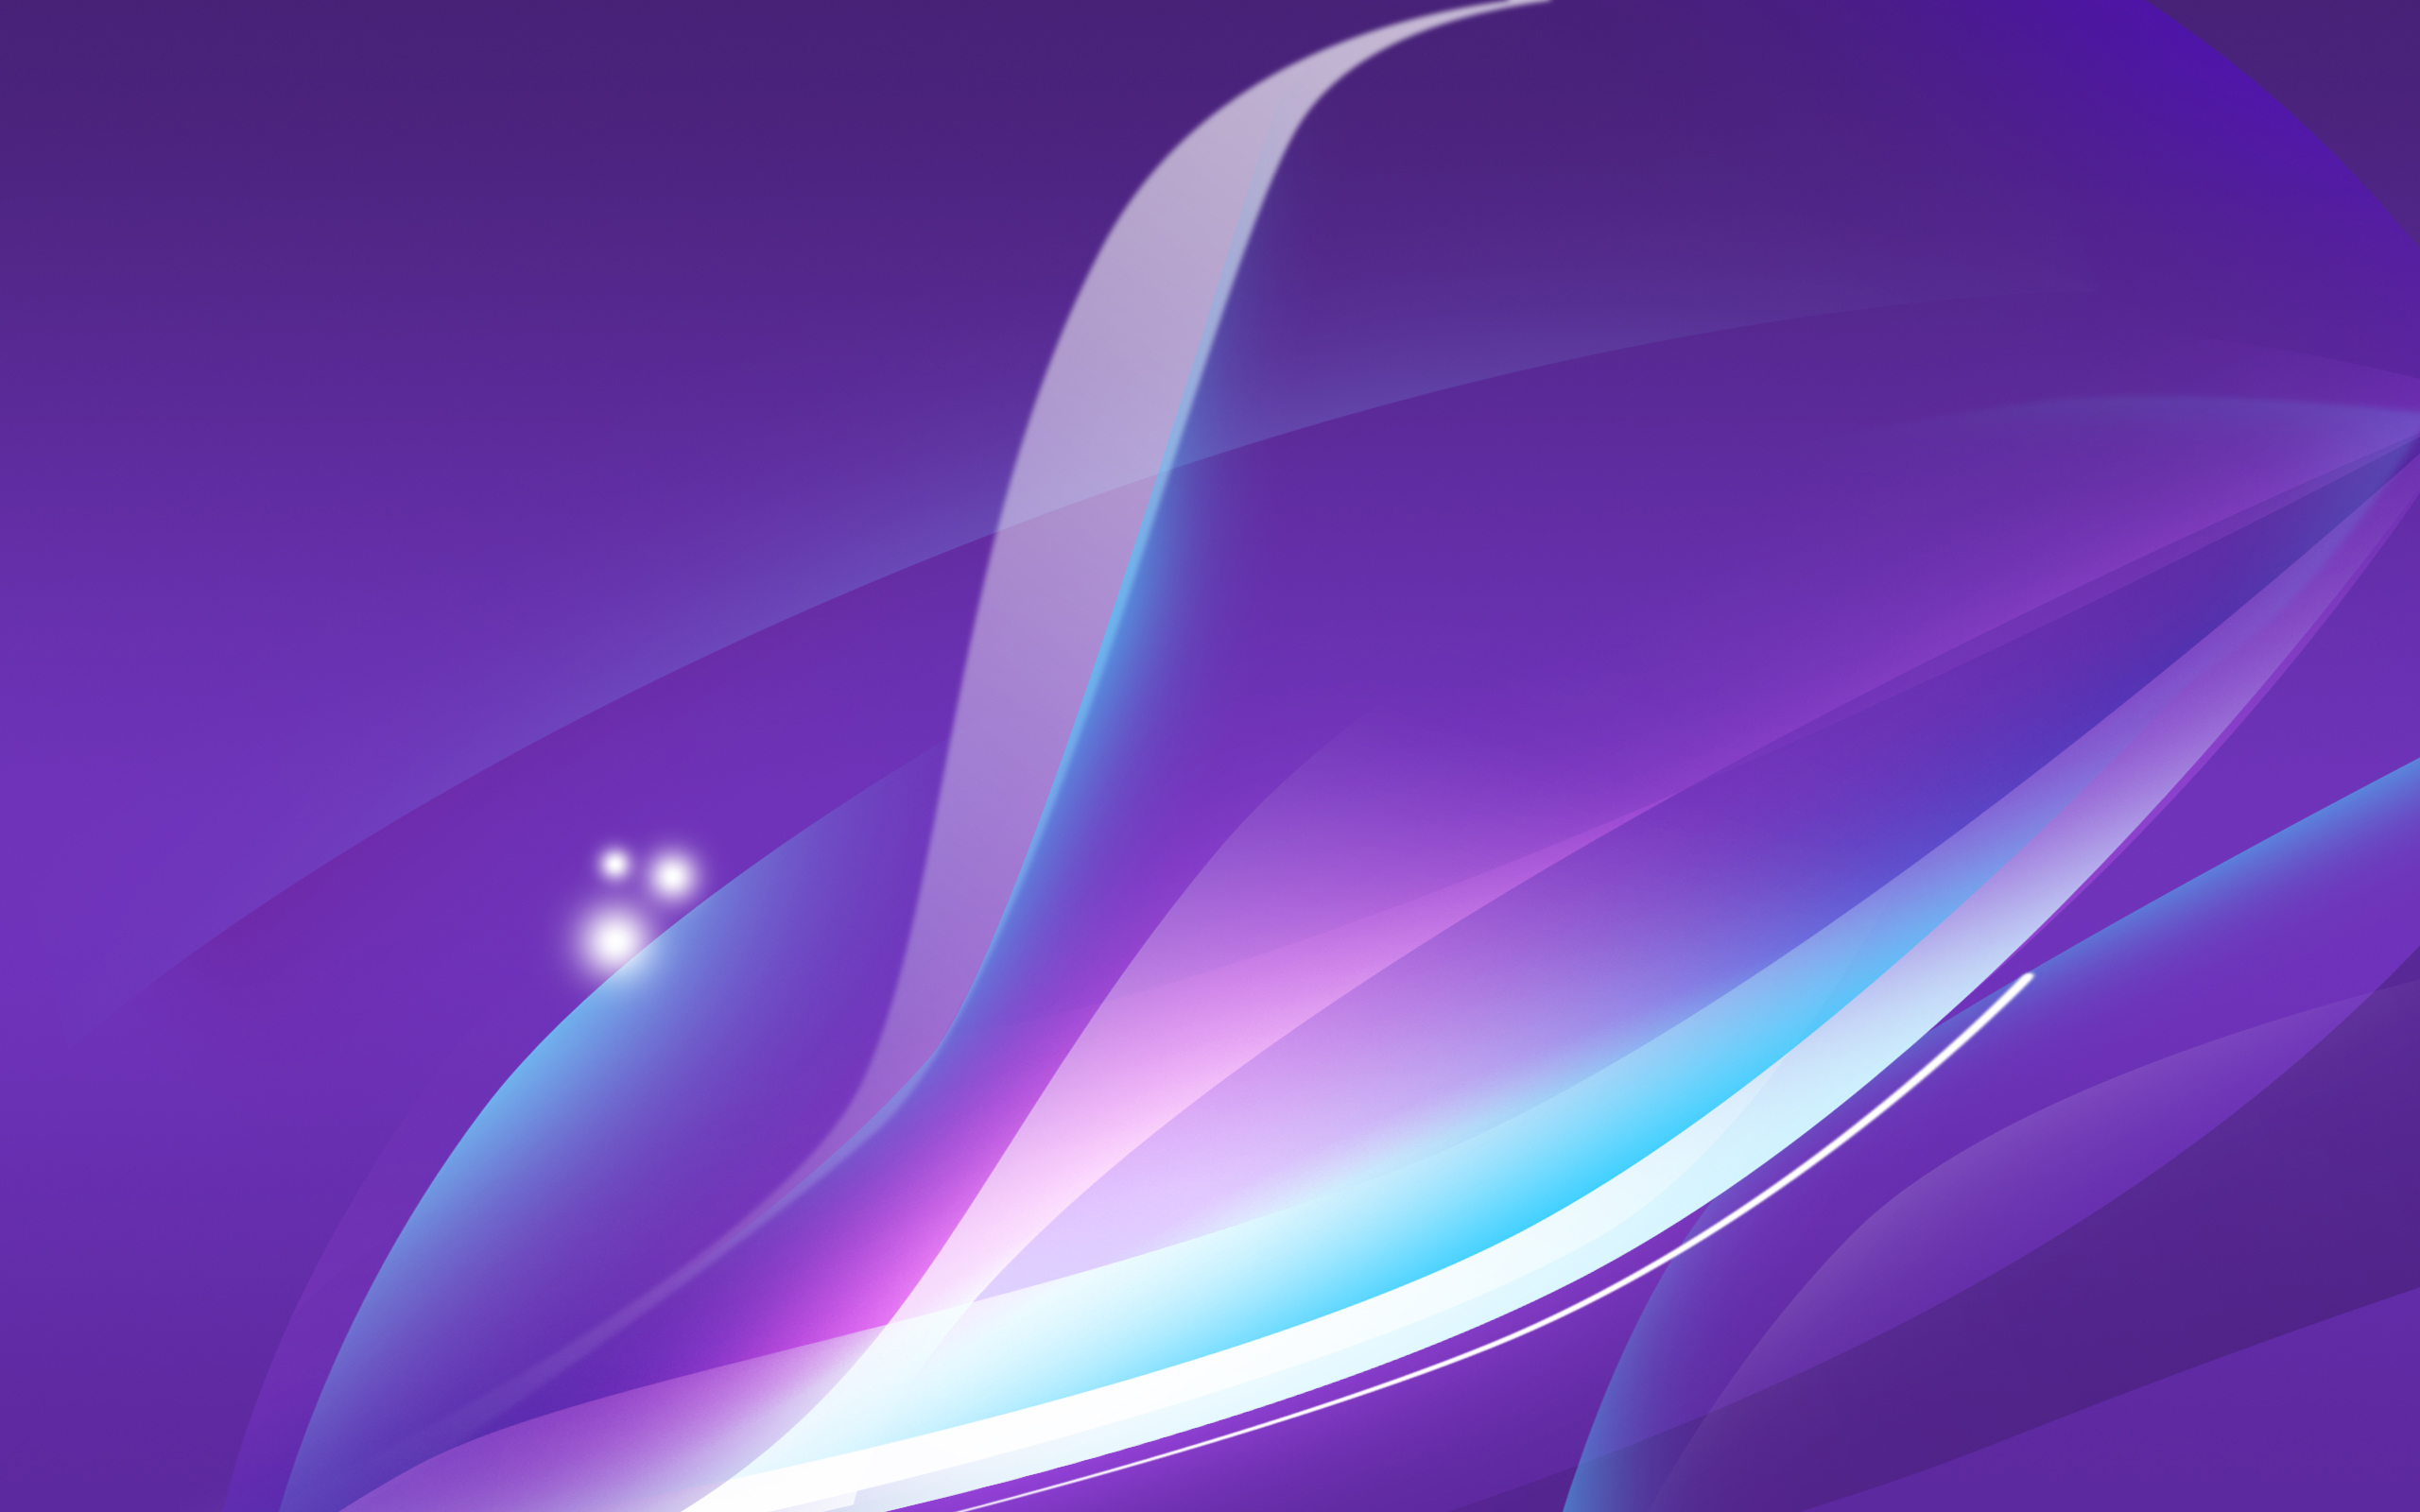 不同风格的波浪紫色ppt背景图片下载_幻灯片模板免费